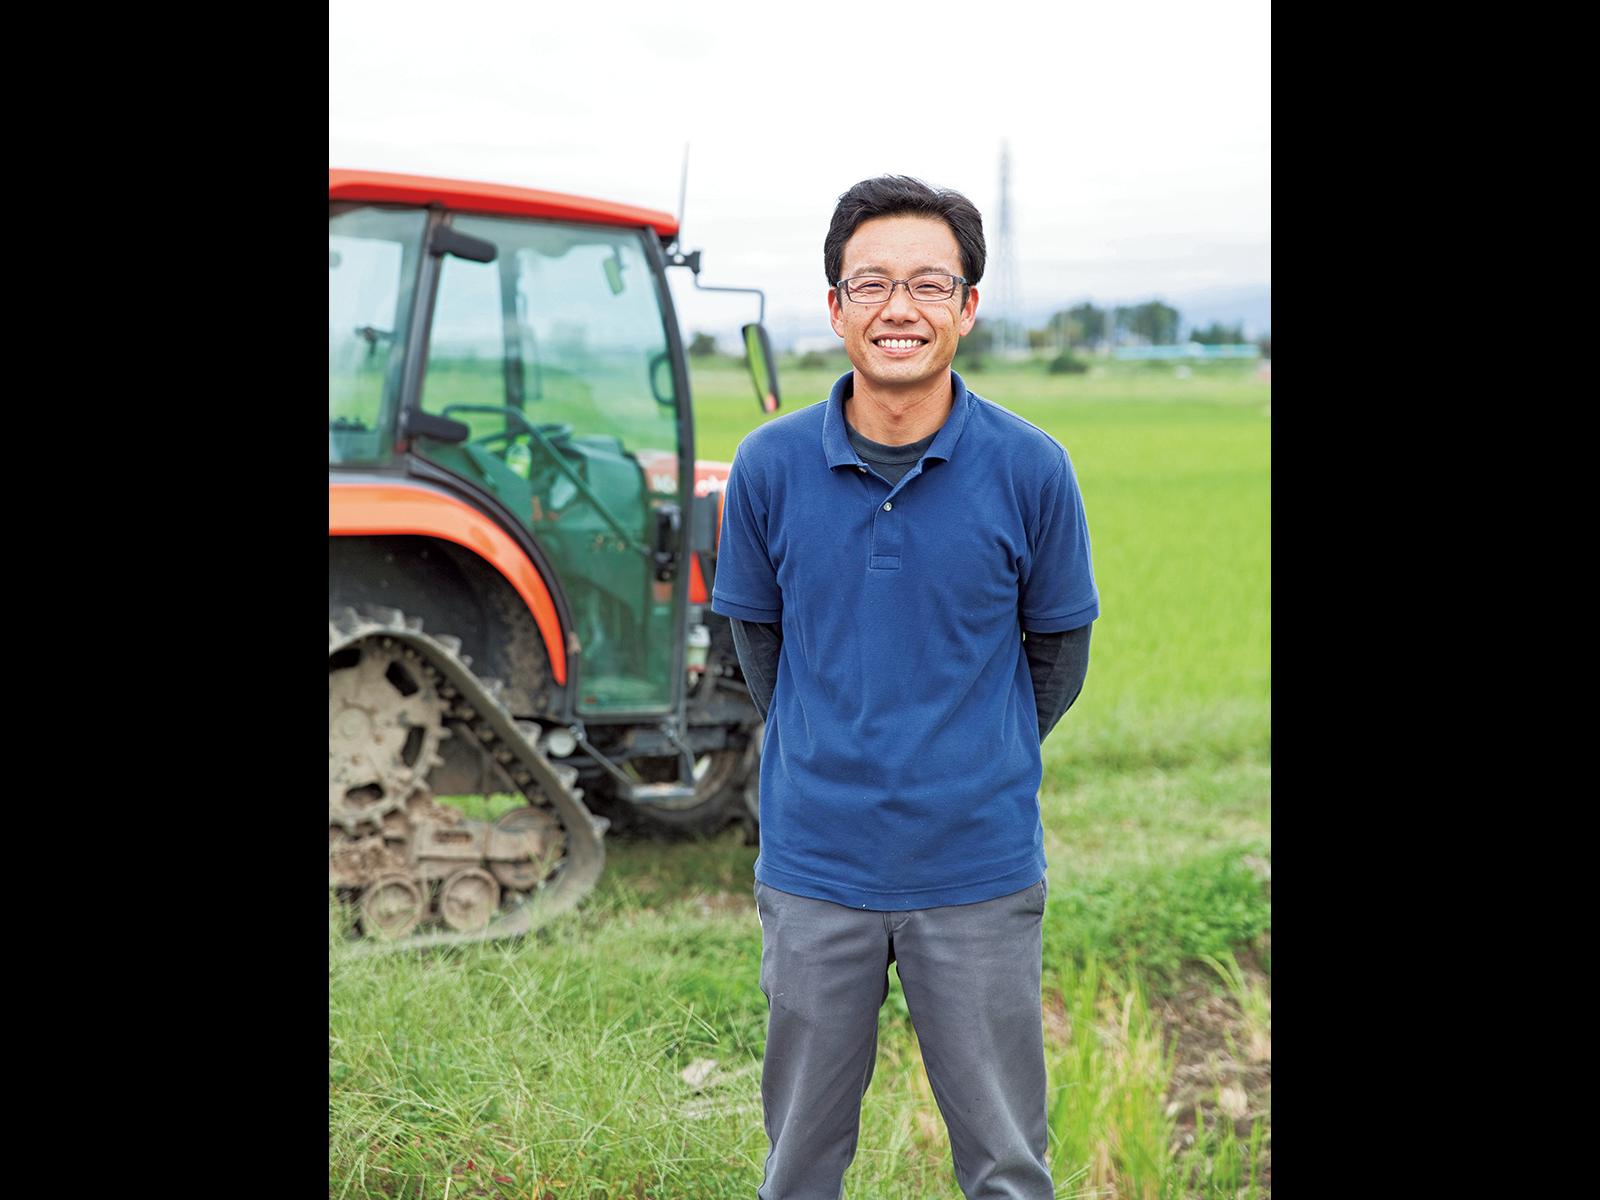 就農前は車の整備・販売会社に勤めていた佐渡さん、38歳。若手農家として地域からも期待されている。